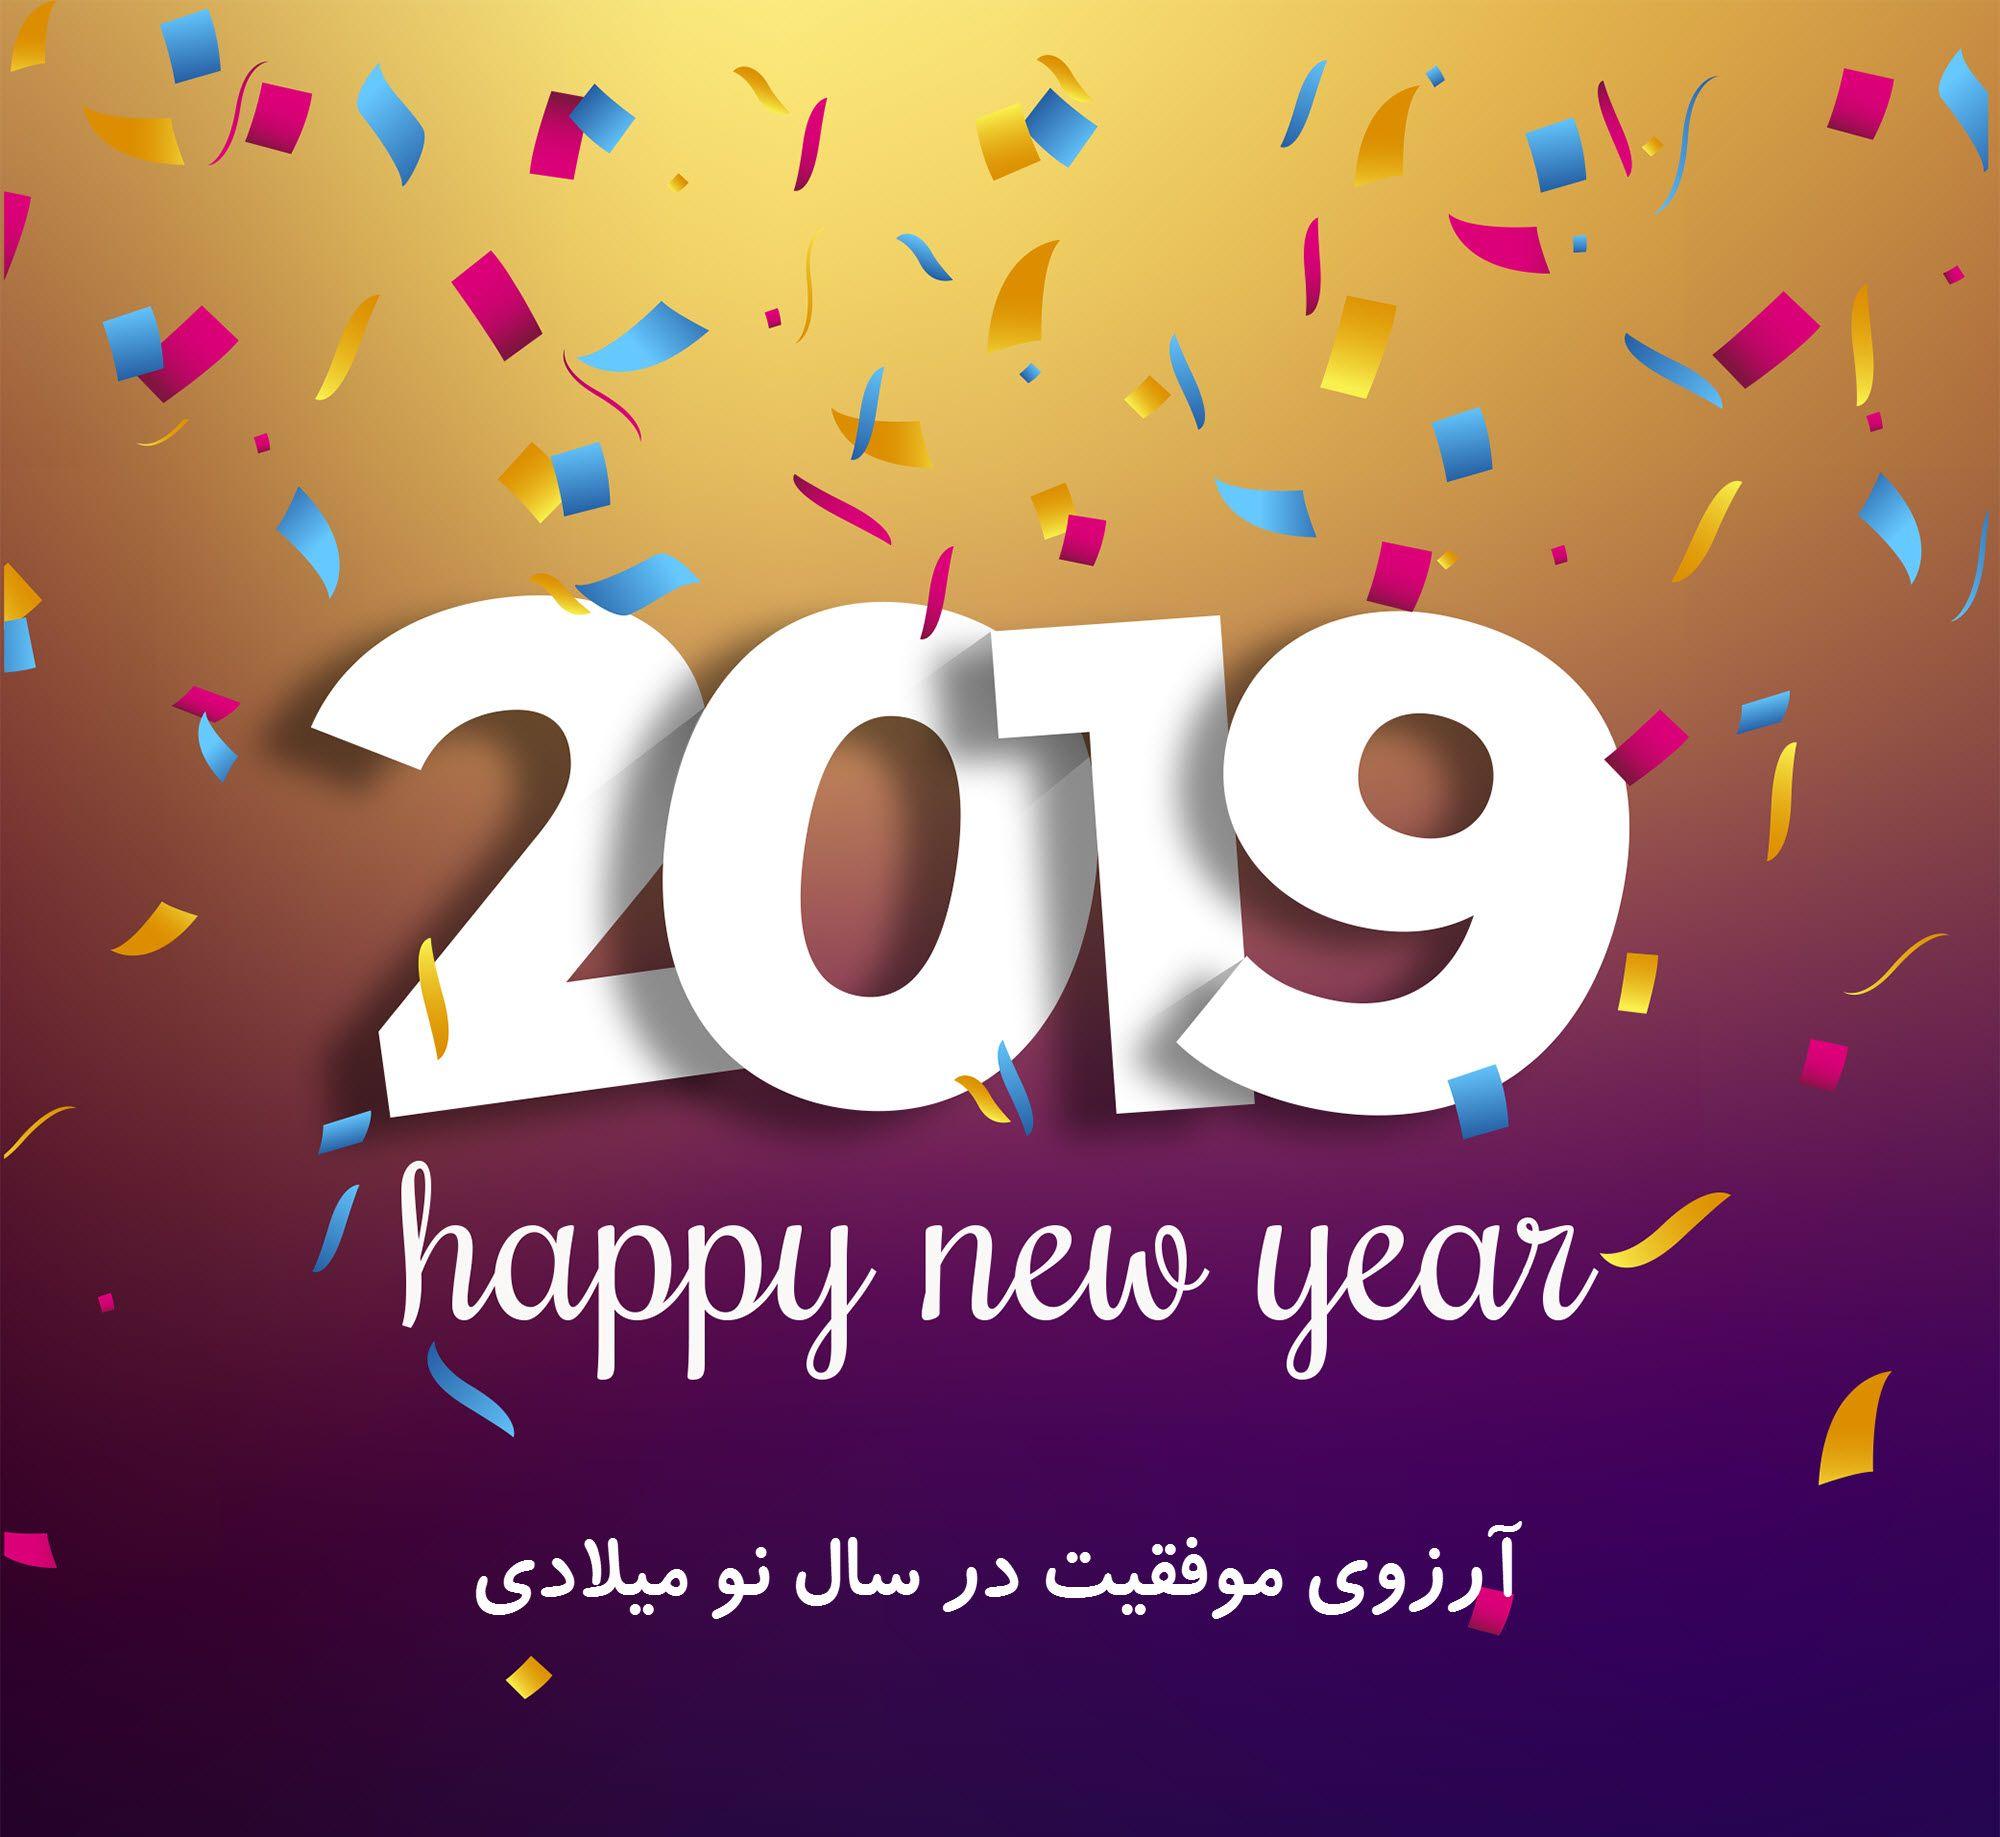 سال نو میلادی بر همه شما مبارک آرزوی سالی پر از موفقیت